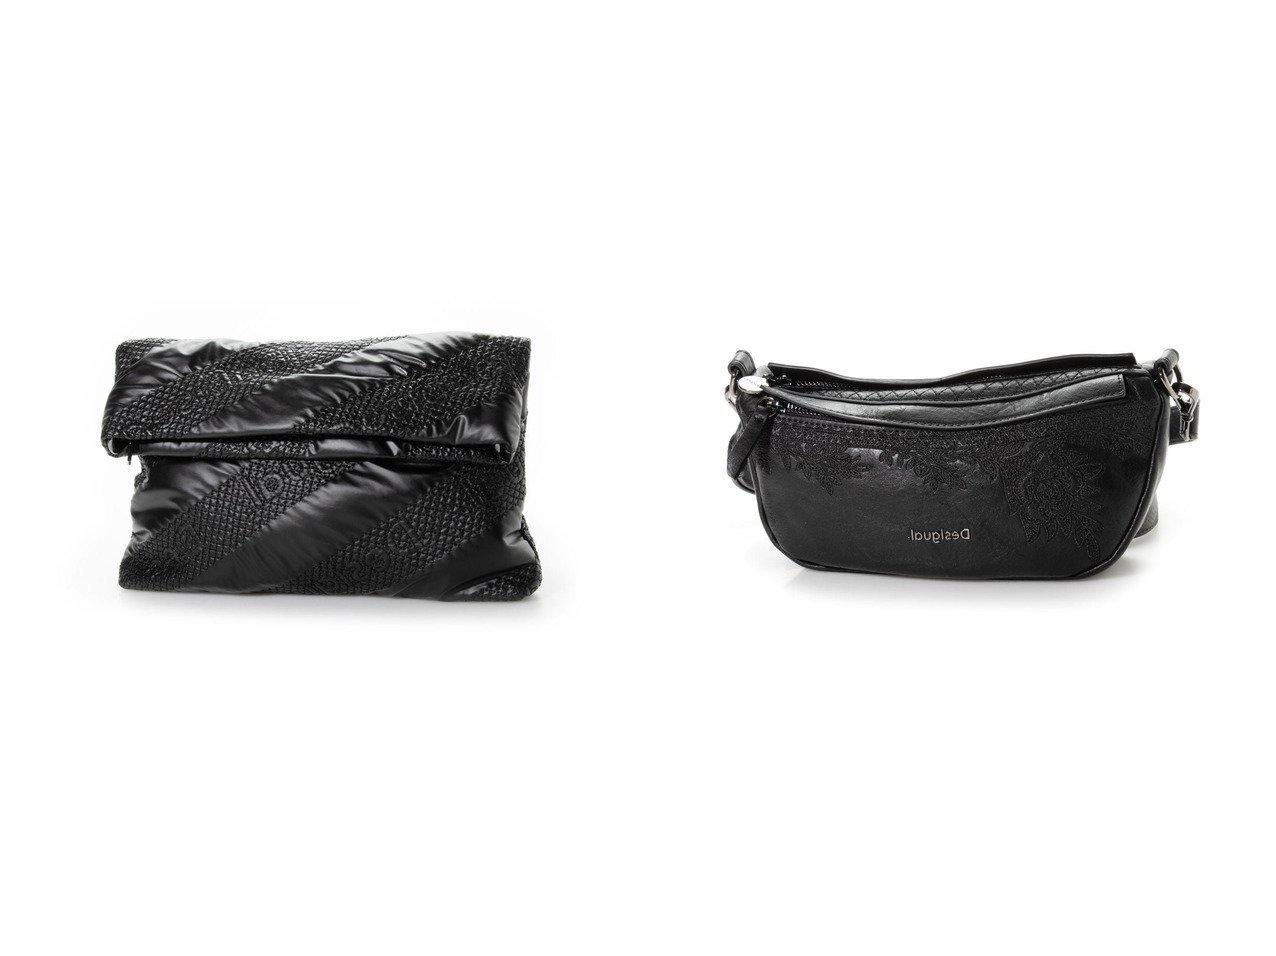 【Desigual/デシグアル】のクロスボディーバッグ TAIPEI MIAMI&ショルダーバッグ LYRICS LUISIANA MEDIUM バッグ・鞄のおすすめ!人気、トレンド・レディースファッションの通販 おすすめで人気の流行・トレンド、ファッションの通販商品 メンズファッション・キッズファッション・インテリア・家具・レディースファッション・服の通販 founy(ファニー) https://founy.com/ ファッション Fashion レディースファッション WOMEN 2021年 2021 2021 春夏 S/S SS Spring/Summer 2021 S/S 春夏 SS Spring/Summer クラッチ ポケット ラップ 春 Spring 財布  ID:crp329100000016335